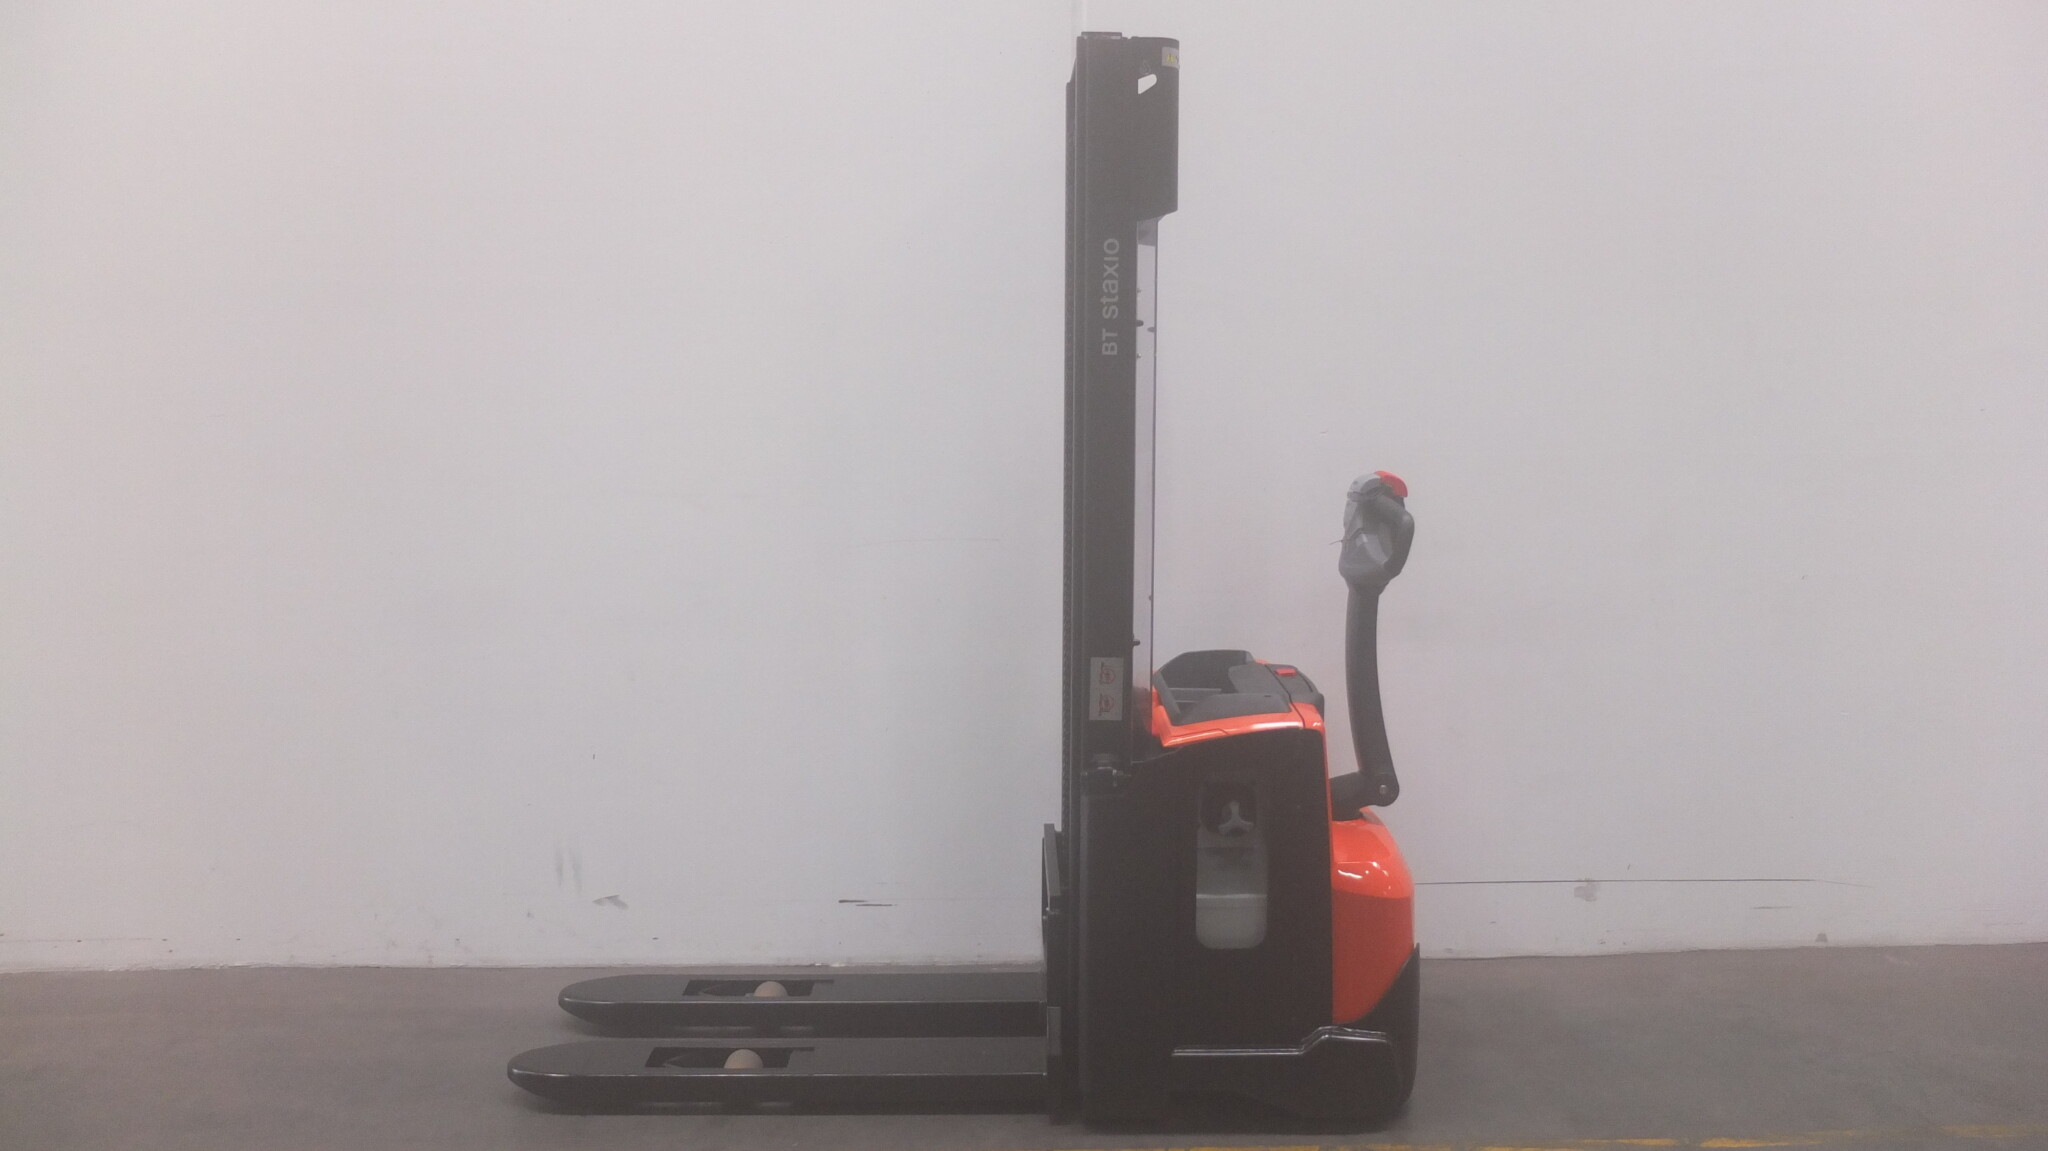 Toyota-Gabelstapler-59840 2103037955 1 scaled